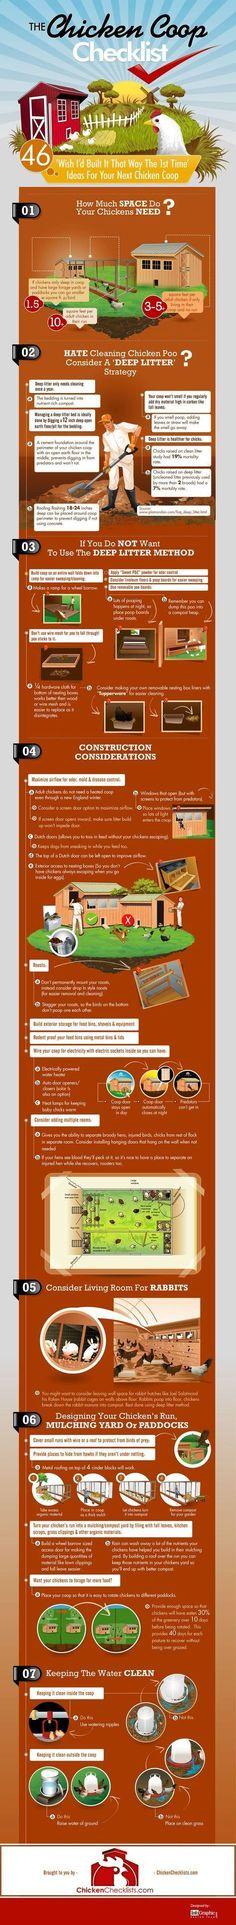 Urban Chickens Network blog: Infographic time: the chicken coop checklist :) #urbanchickens